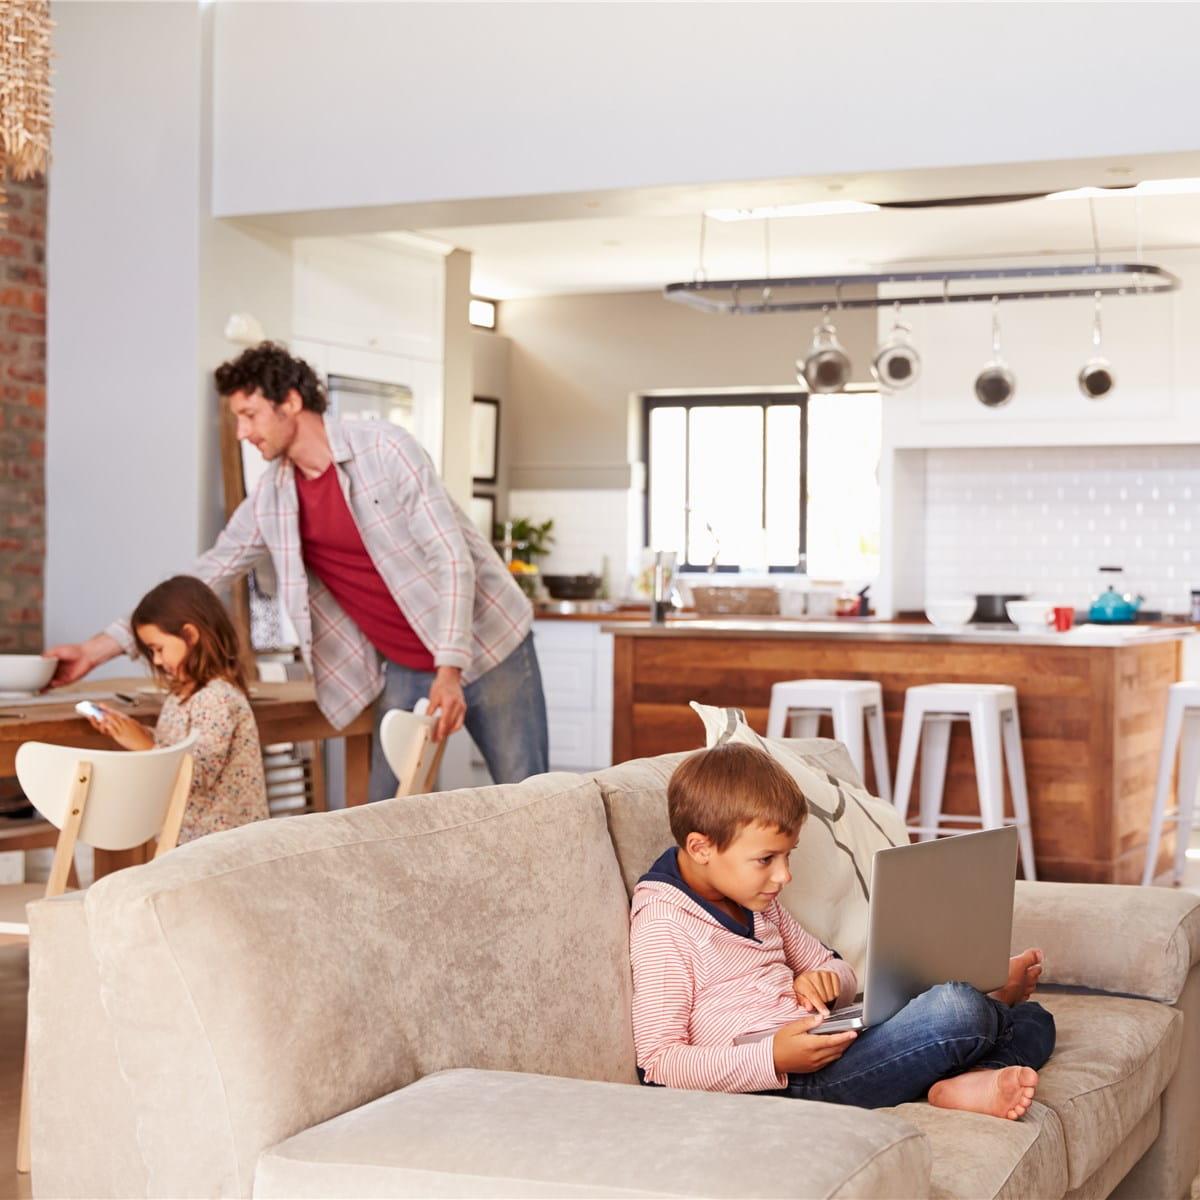 ergo versicherung claus k hl in hamburg versicherungen von ergo versichern hei t verstehen. Black Bedroom Furniture Sets. Home Design Ideas